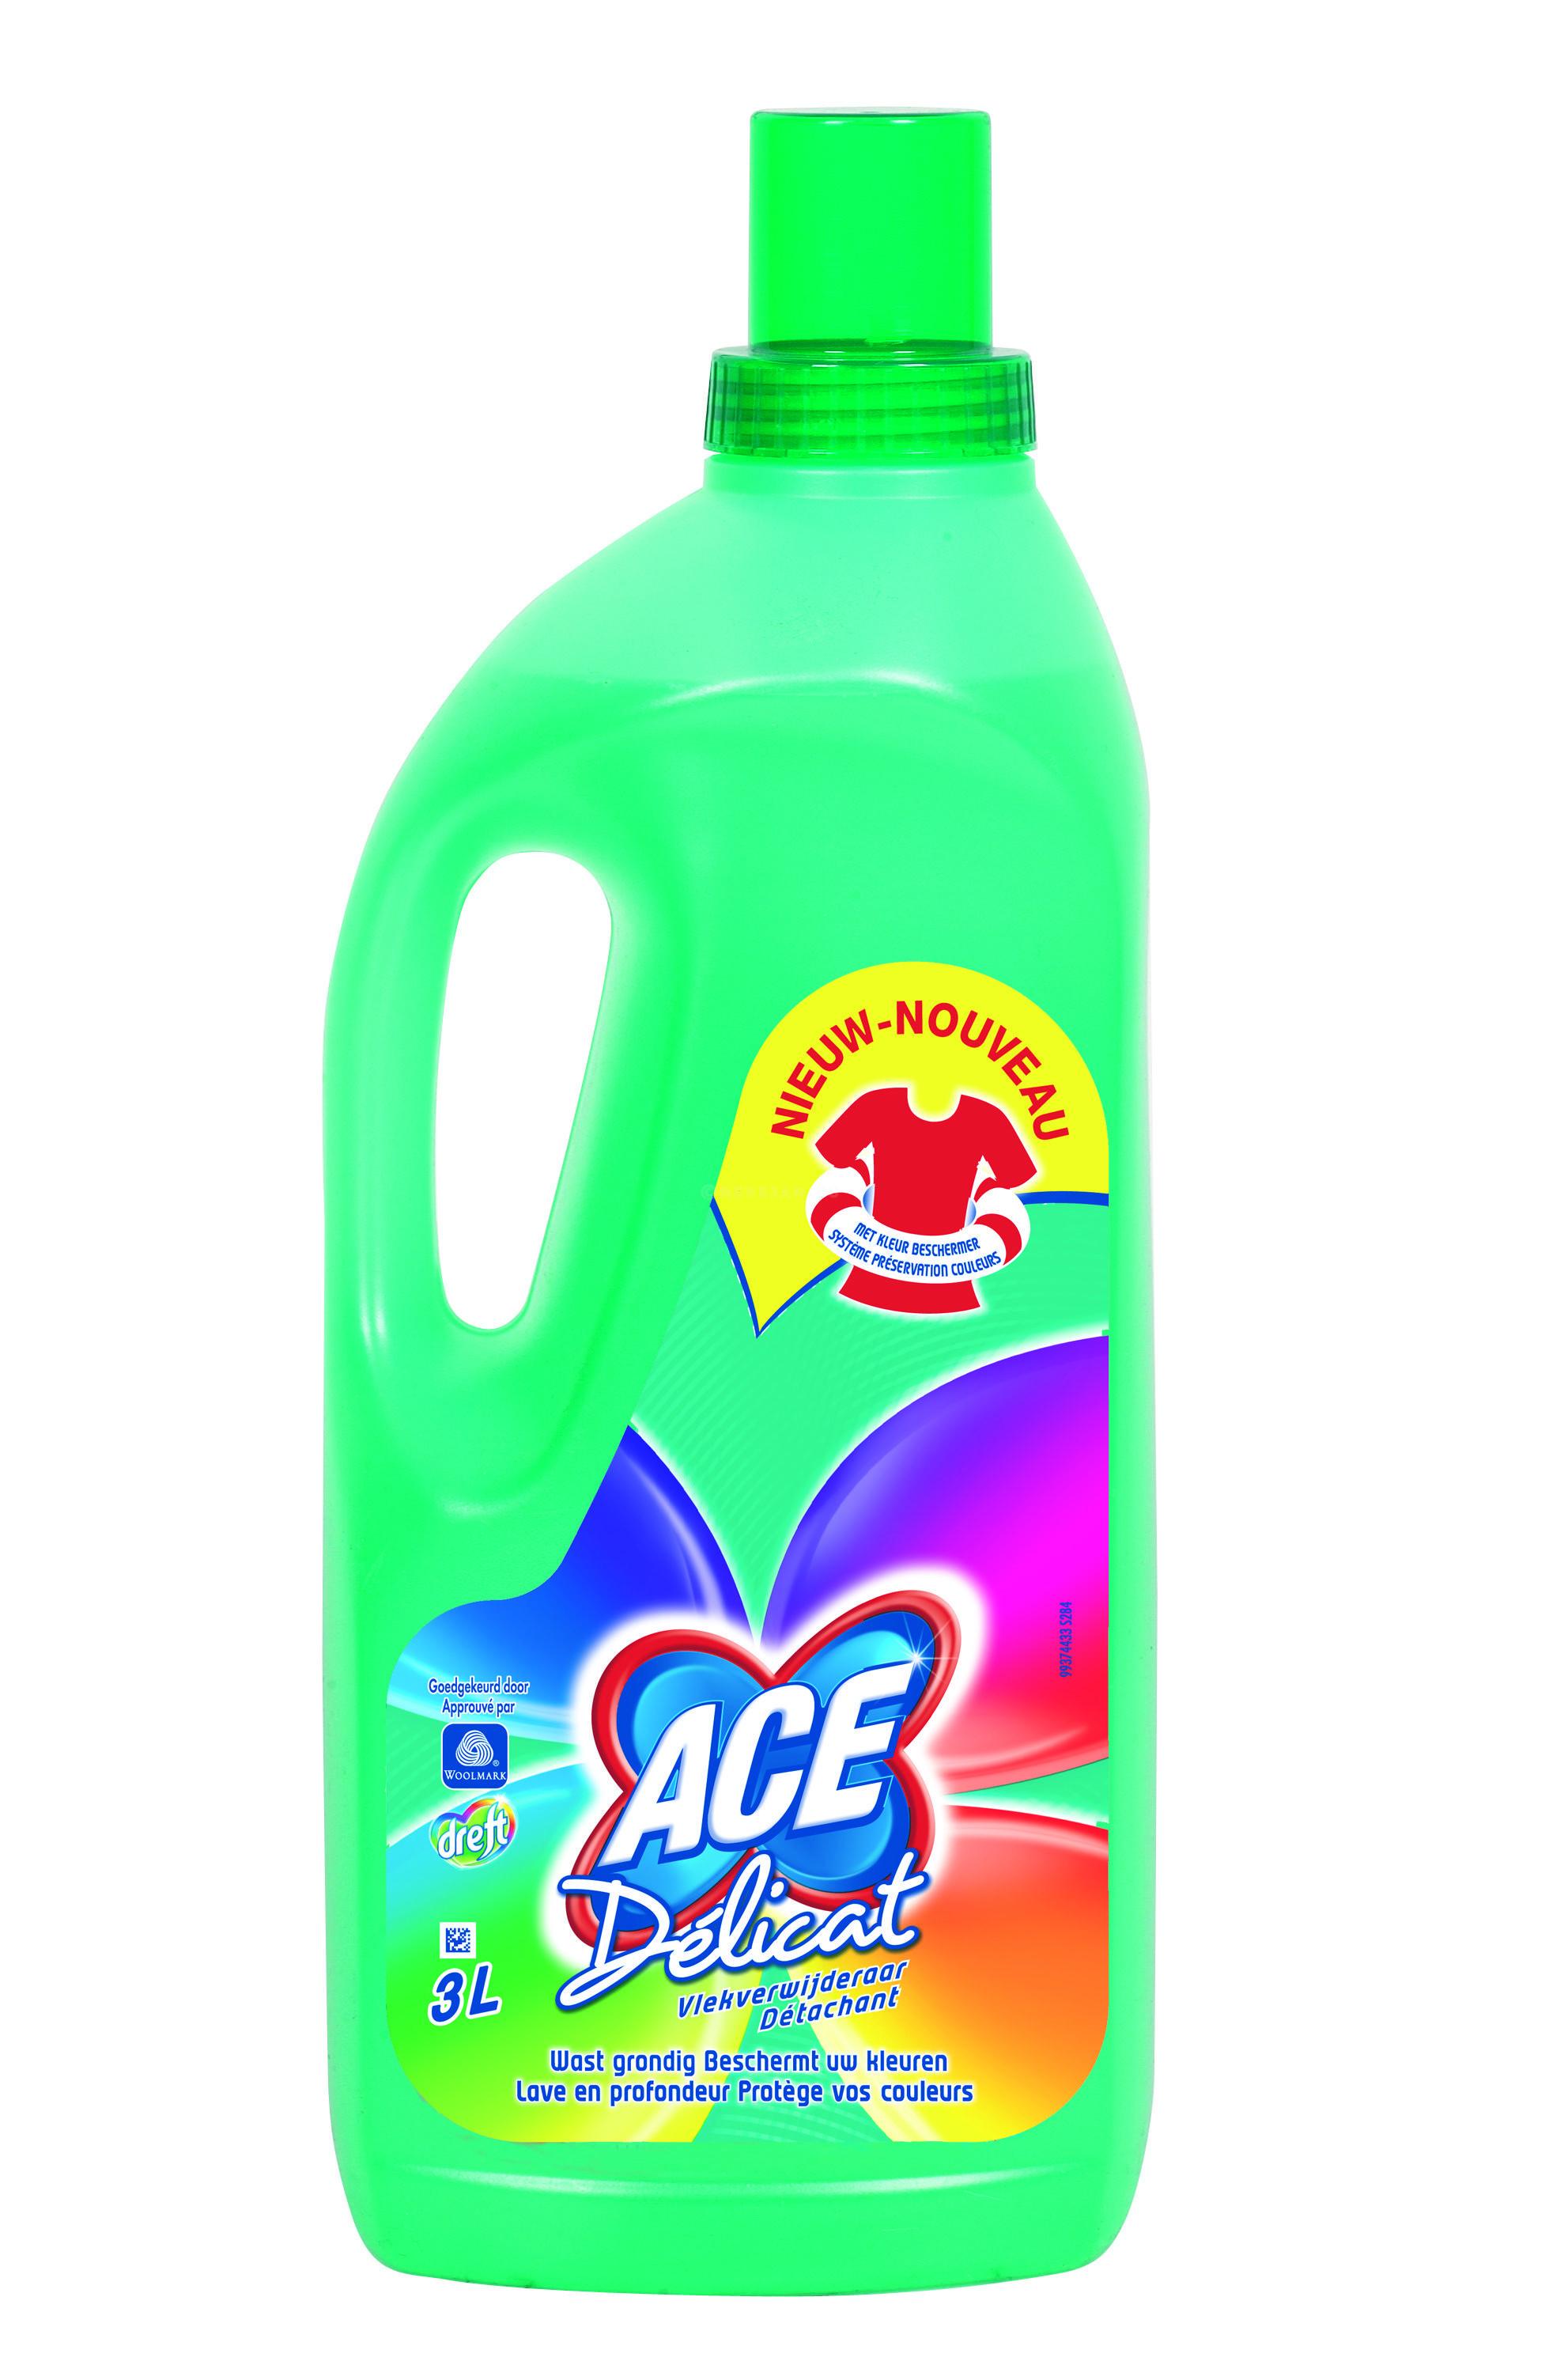 Ace Delikaat 3L